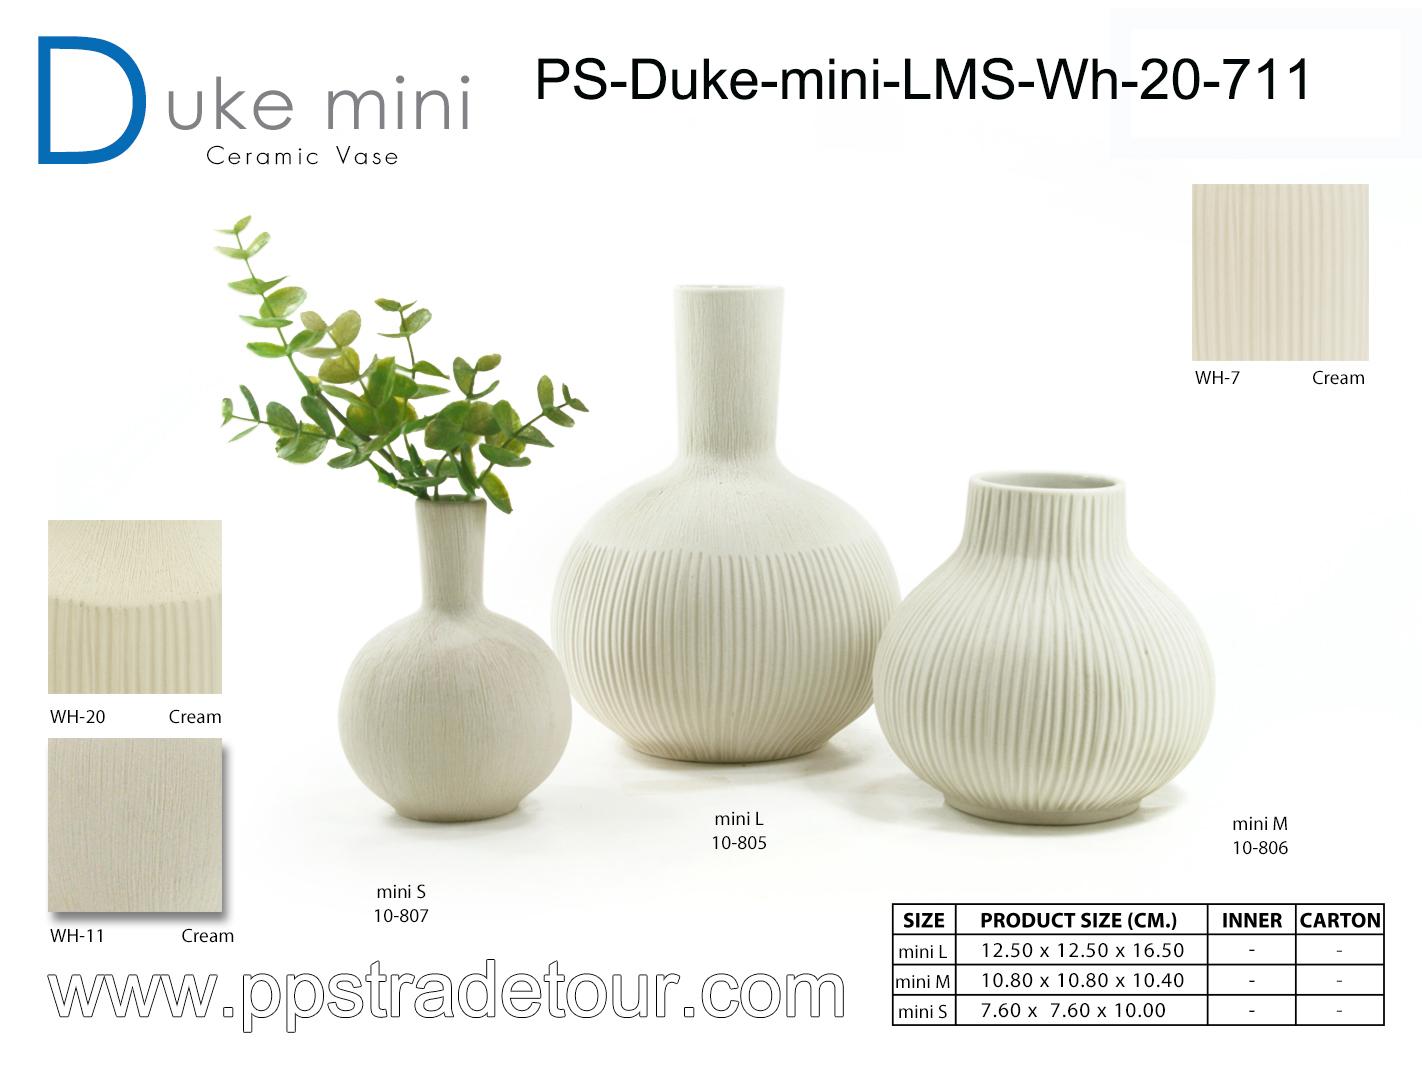 PSCV-Duke-mini-LMS-WH-20-711-CREAM